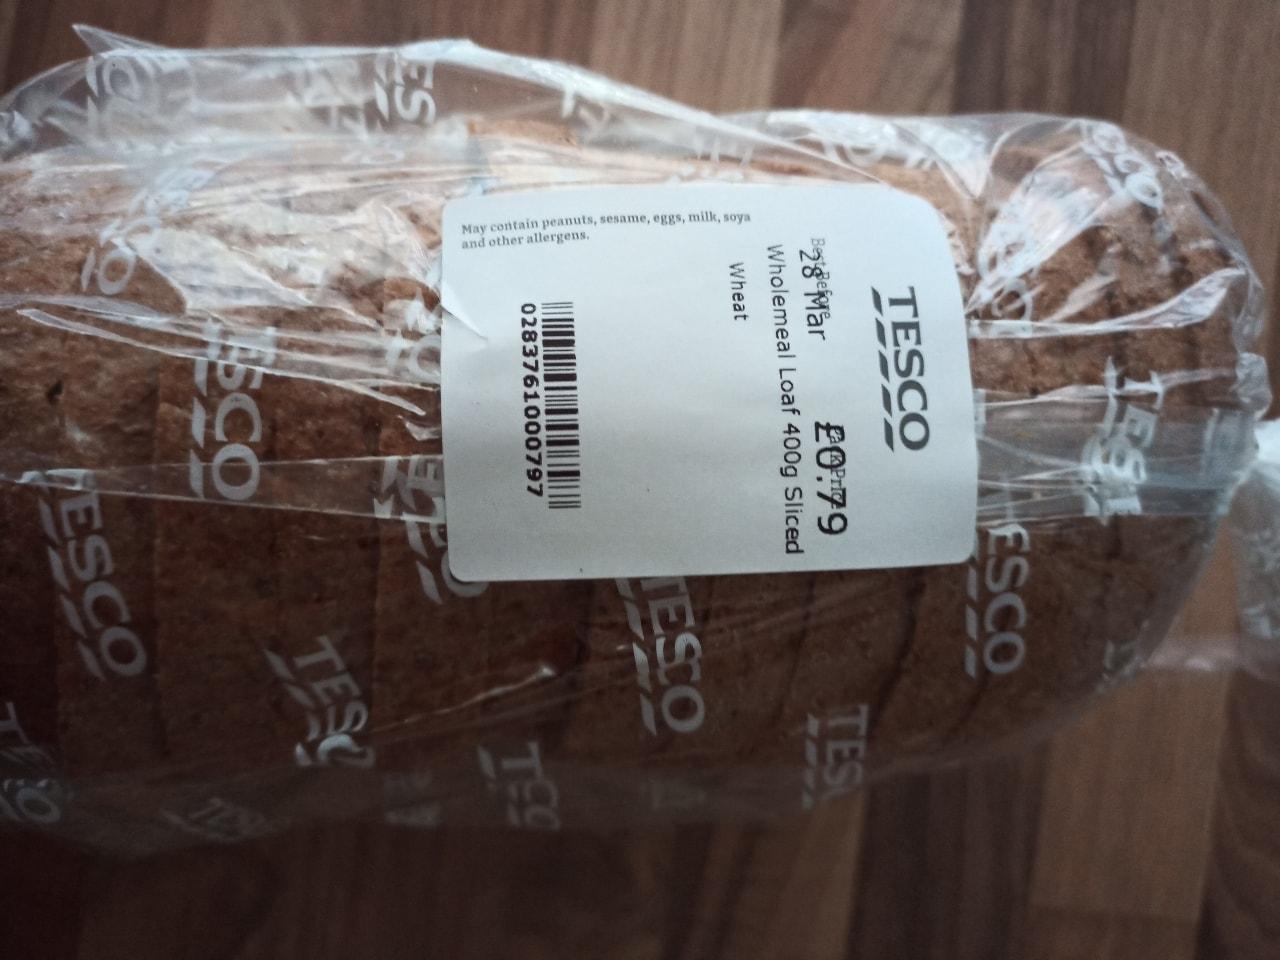 Wholemeal sliced loaf 400g